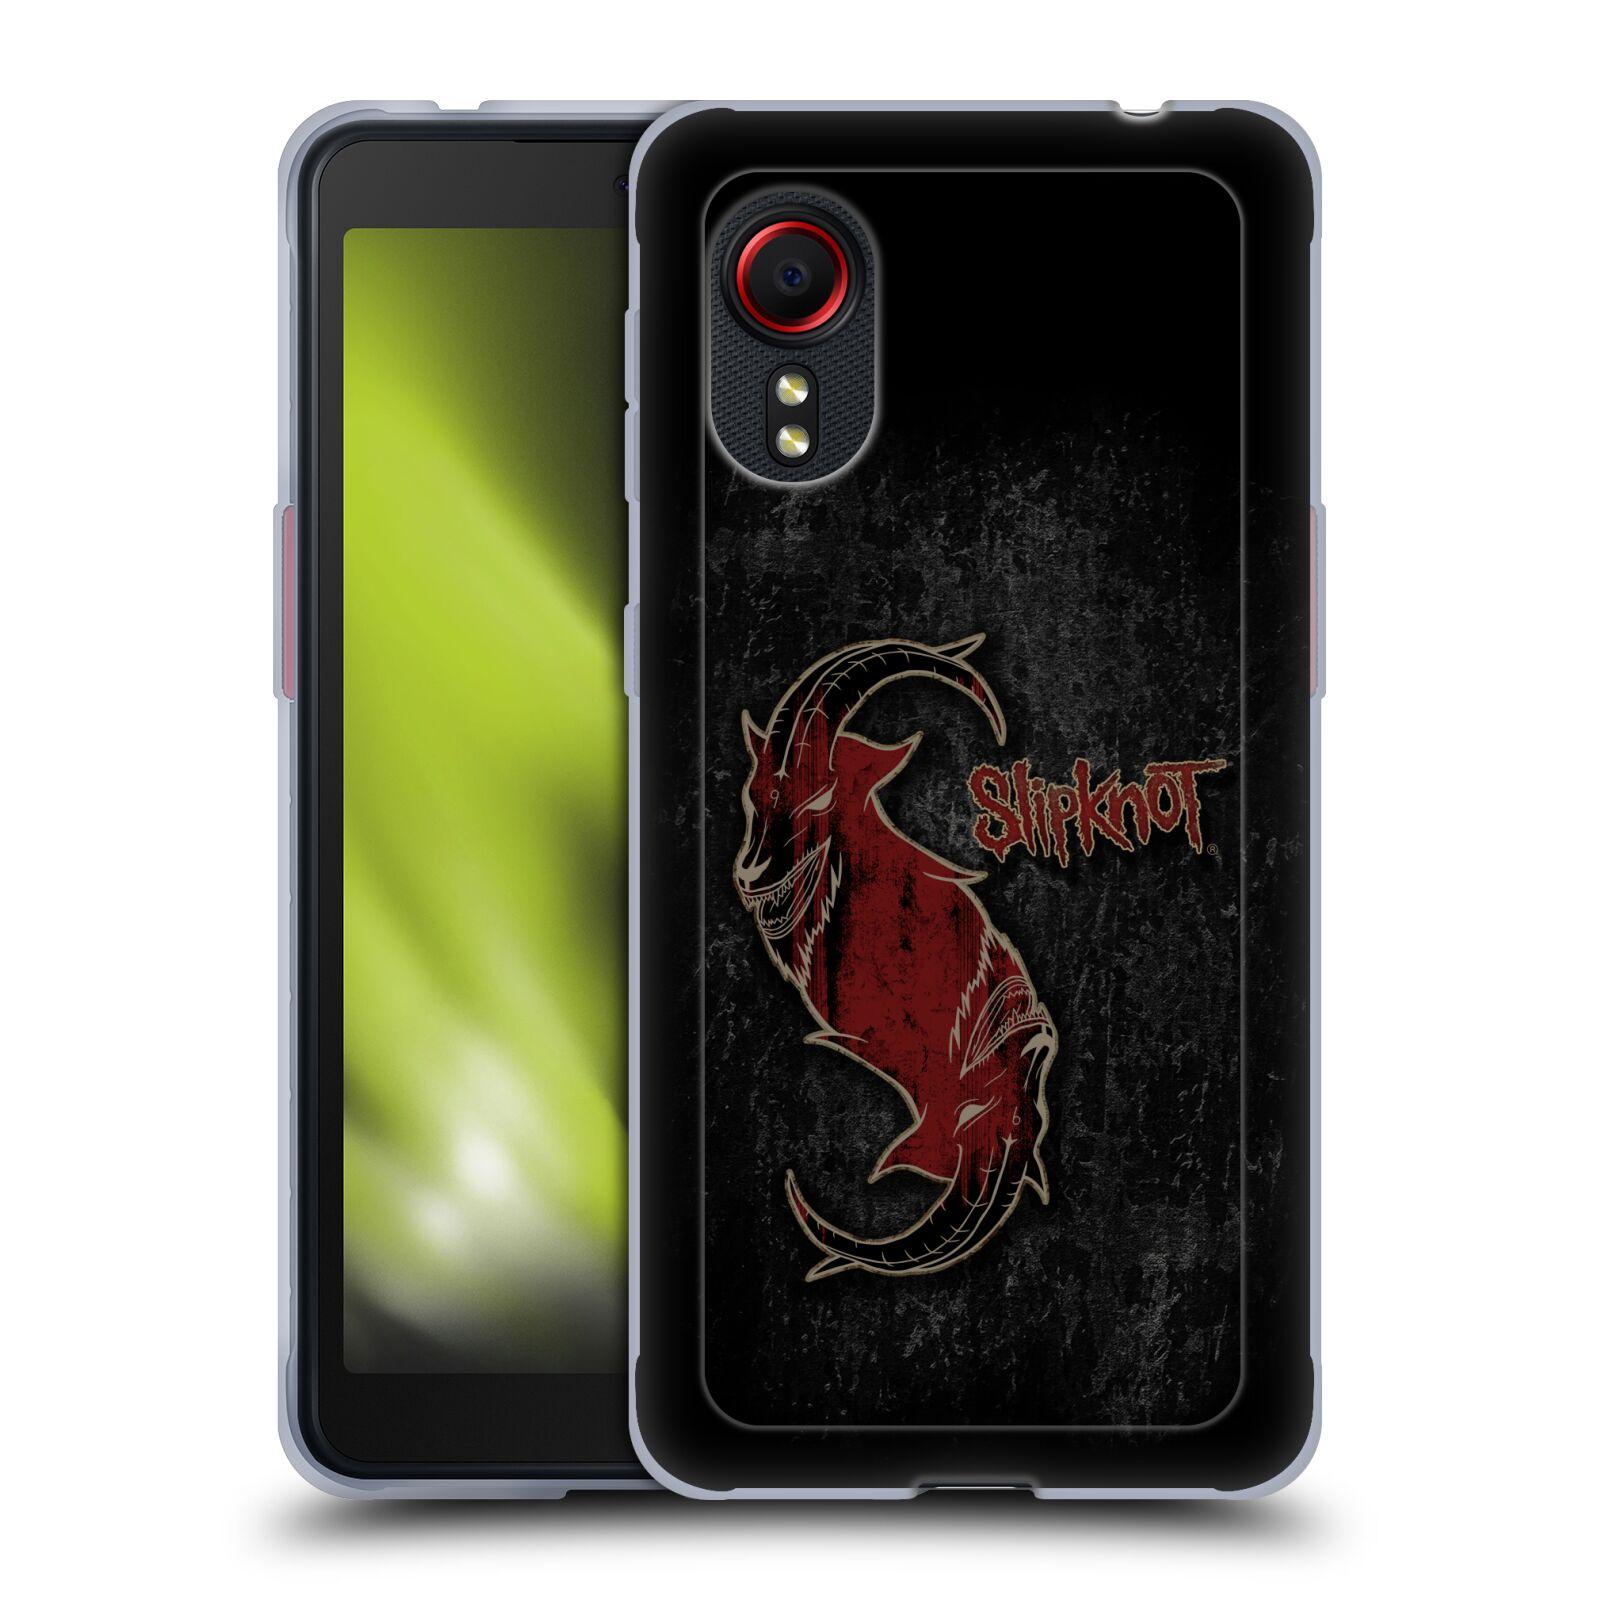 Silikonové pouzdro na mobil Samsung Galaxy Xcover 5 - Head Case - Slipknot - Rudý kozel